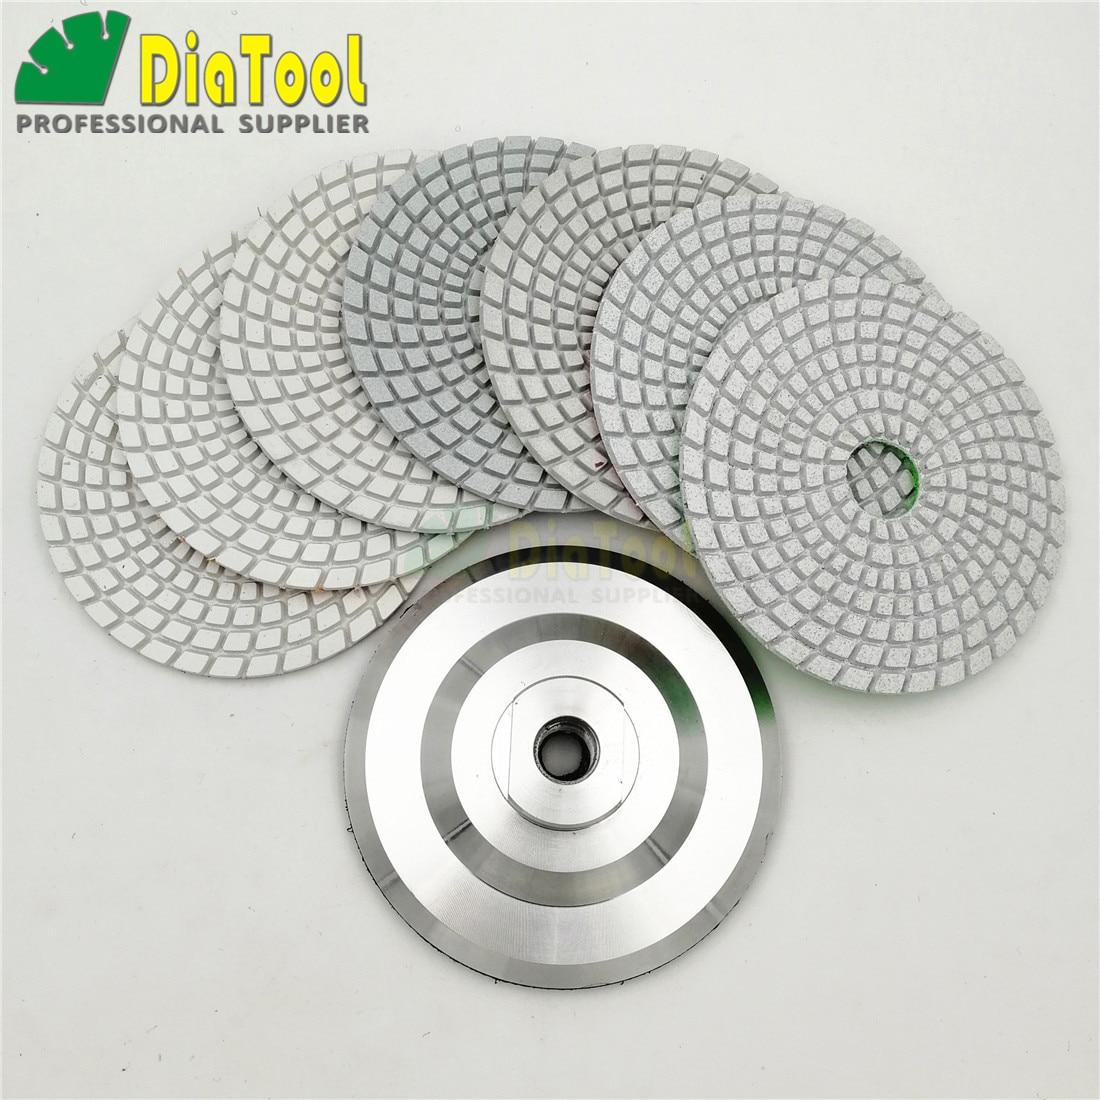 SHDIATOOL Diamond Wet Polishing Pads Diameter 4 Inch White